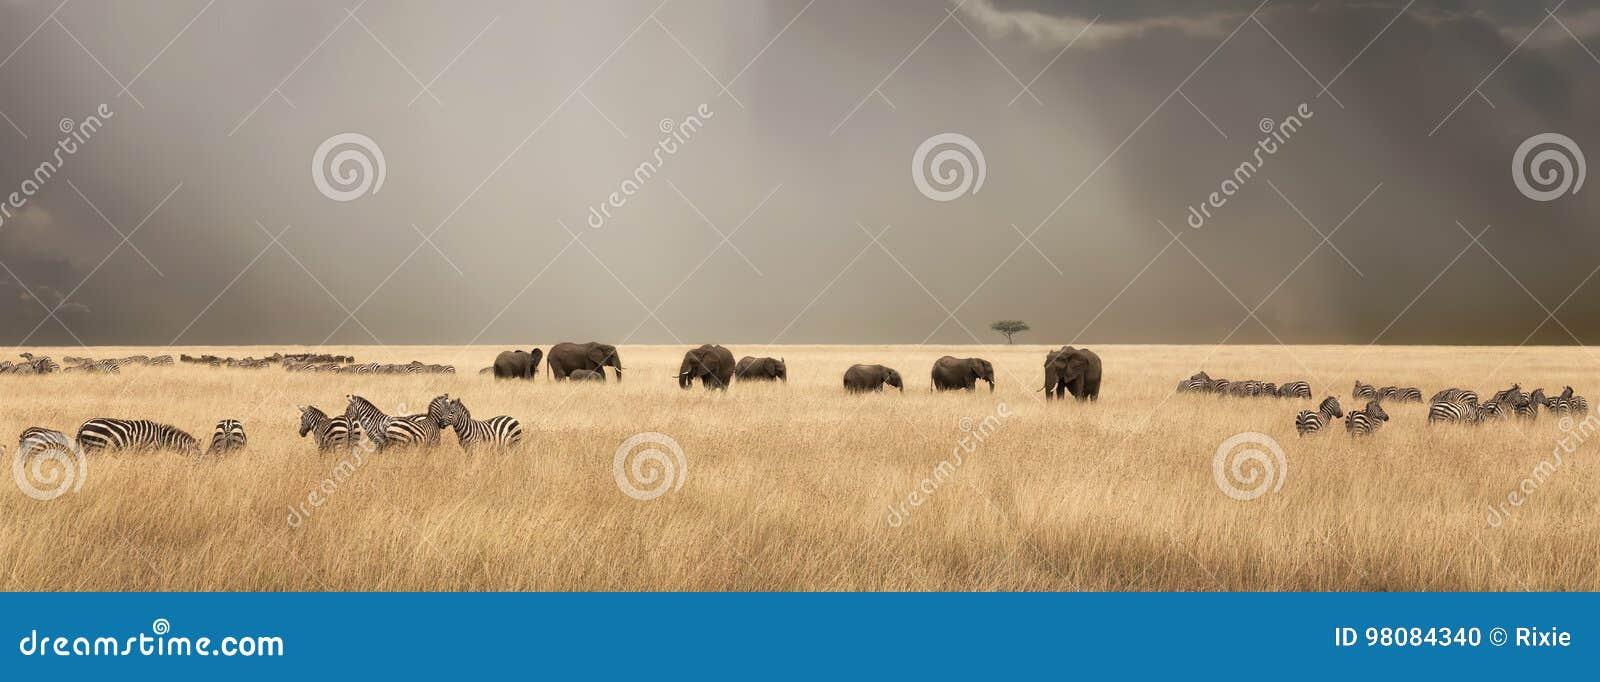 Stormachtige hemel over masai Mara met olifanten en zebras